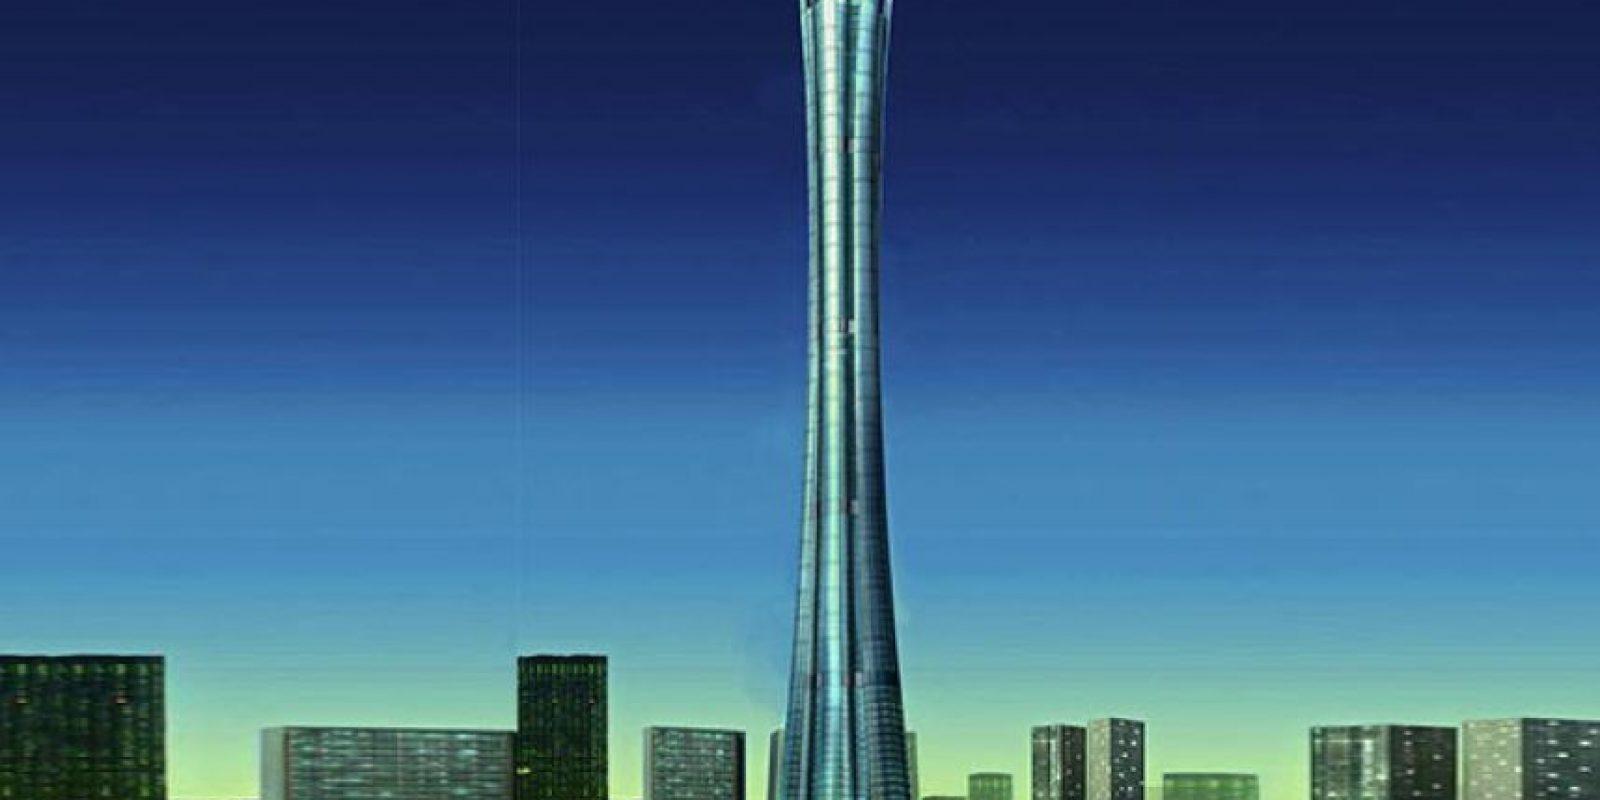 Era tan alto, que autoridades de aviación se preocuparon porque podía interrumpir el trayecto de los aviones. Foto:Skyscraper City